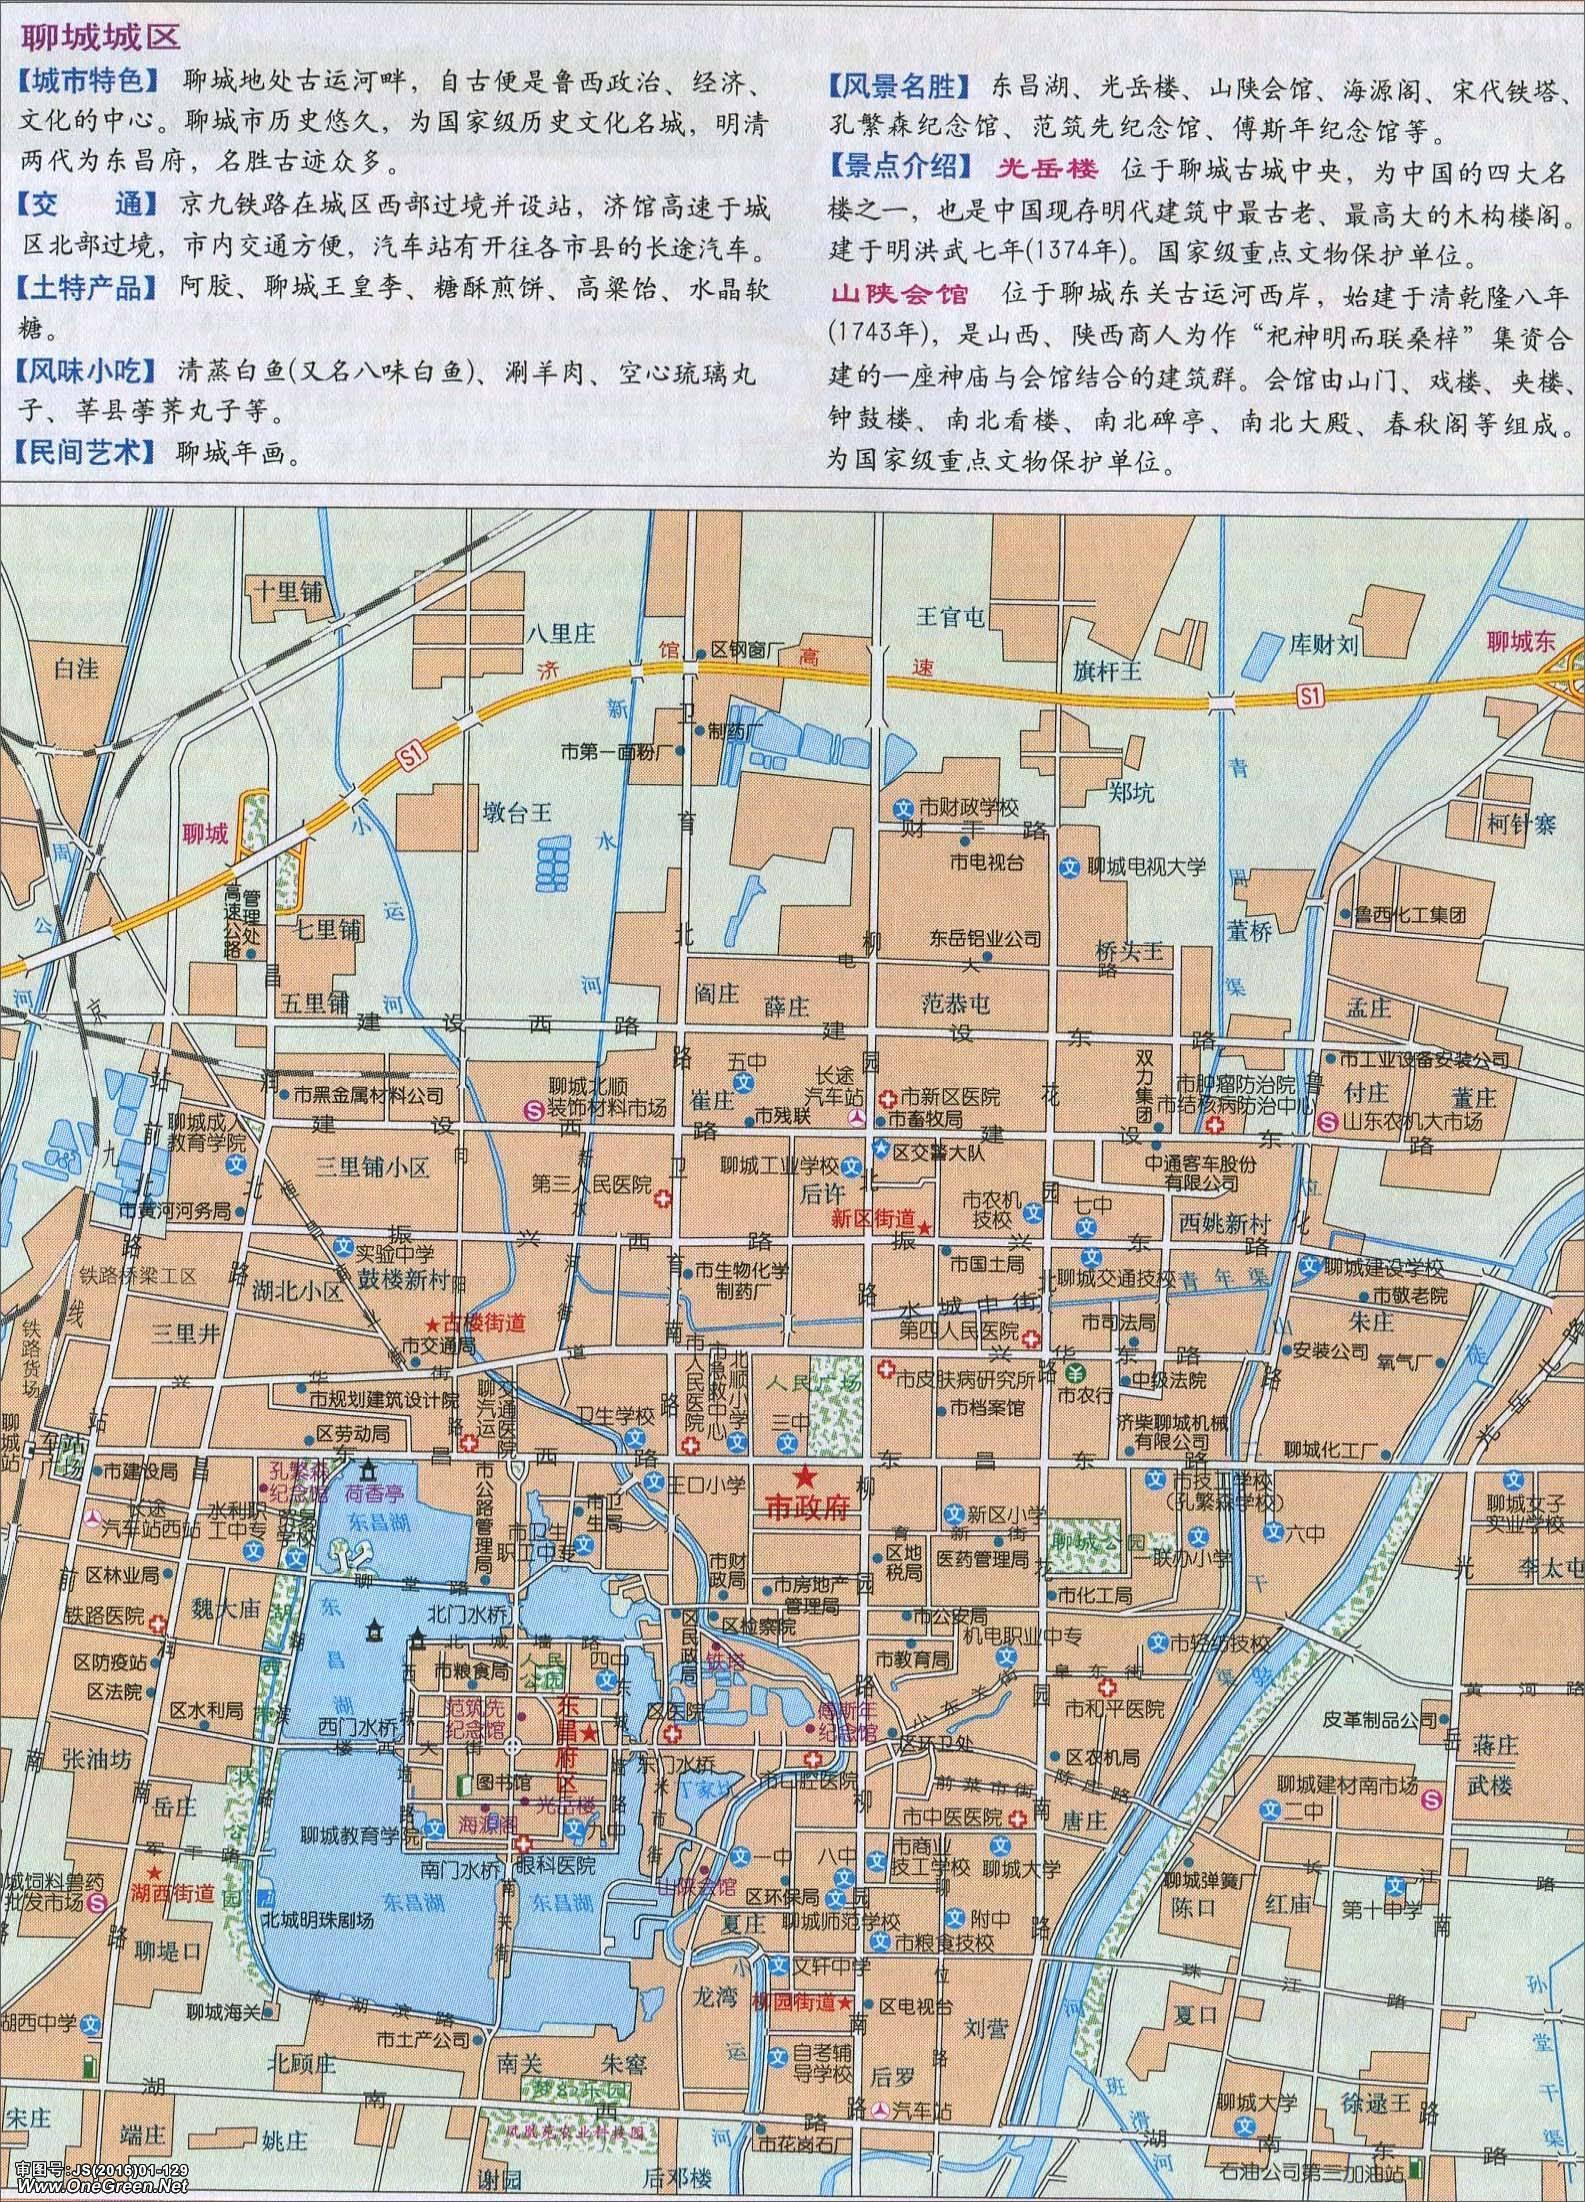 聊城城区地图